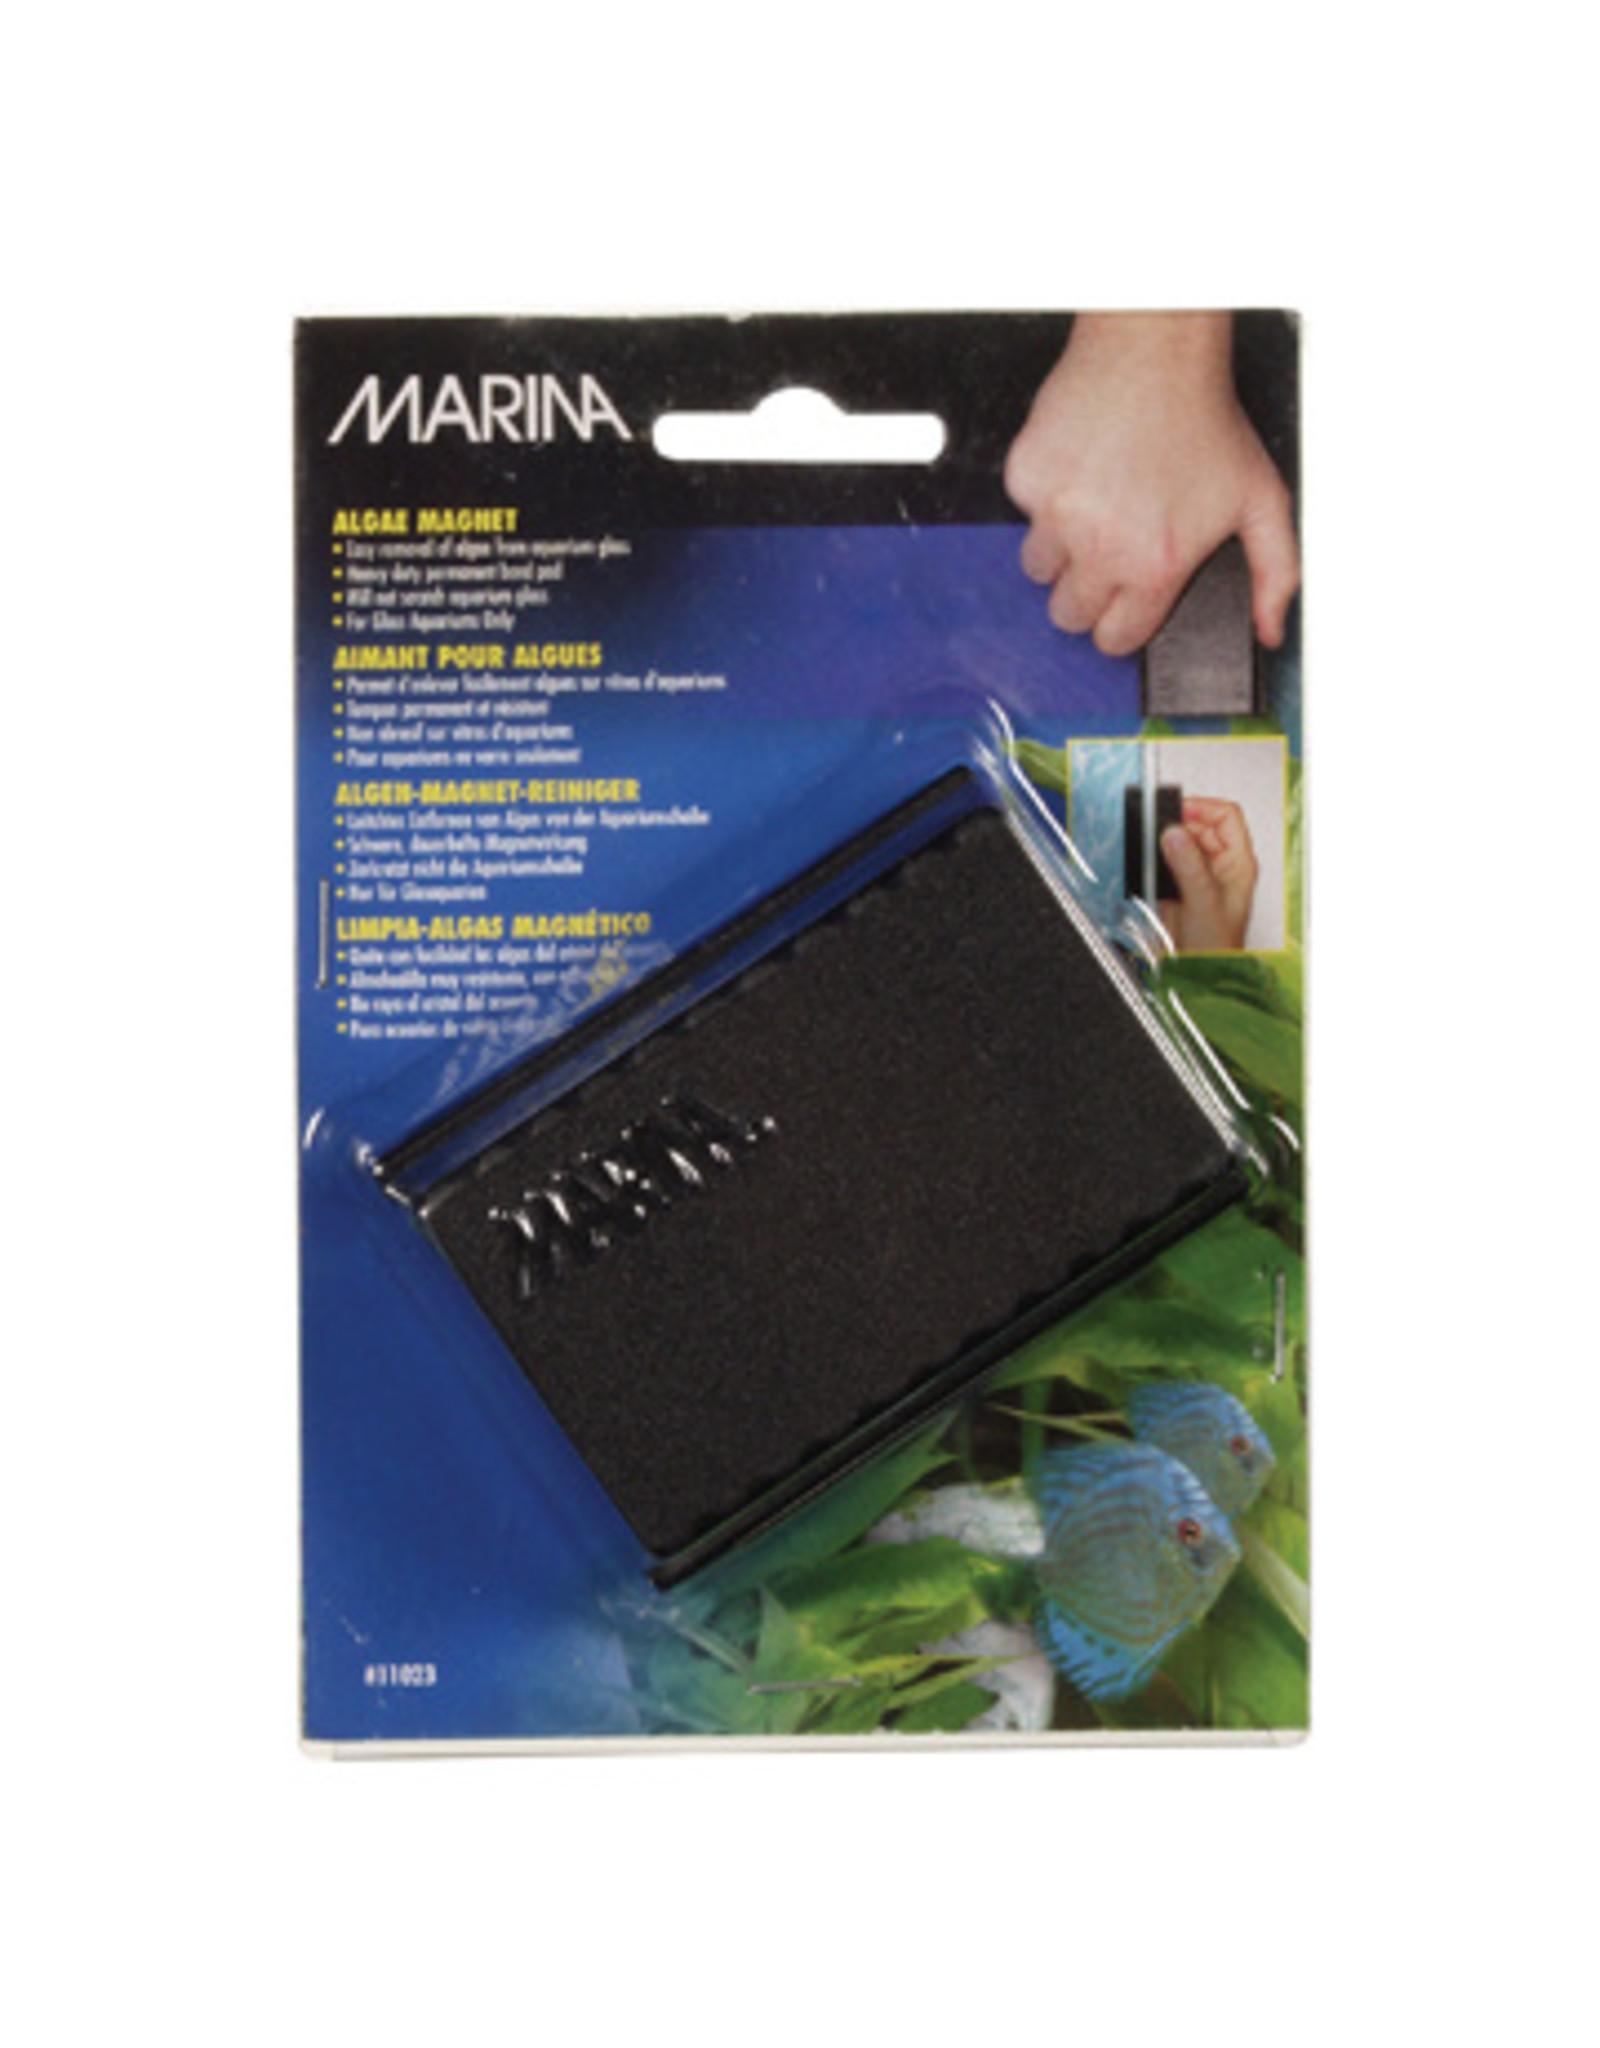 Marina MARINA Algae Magnet